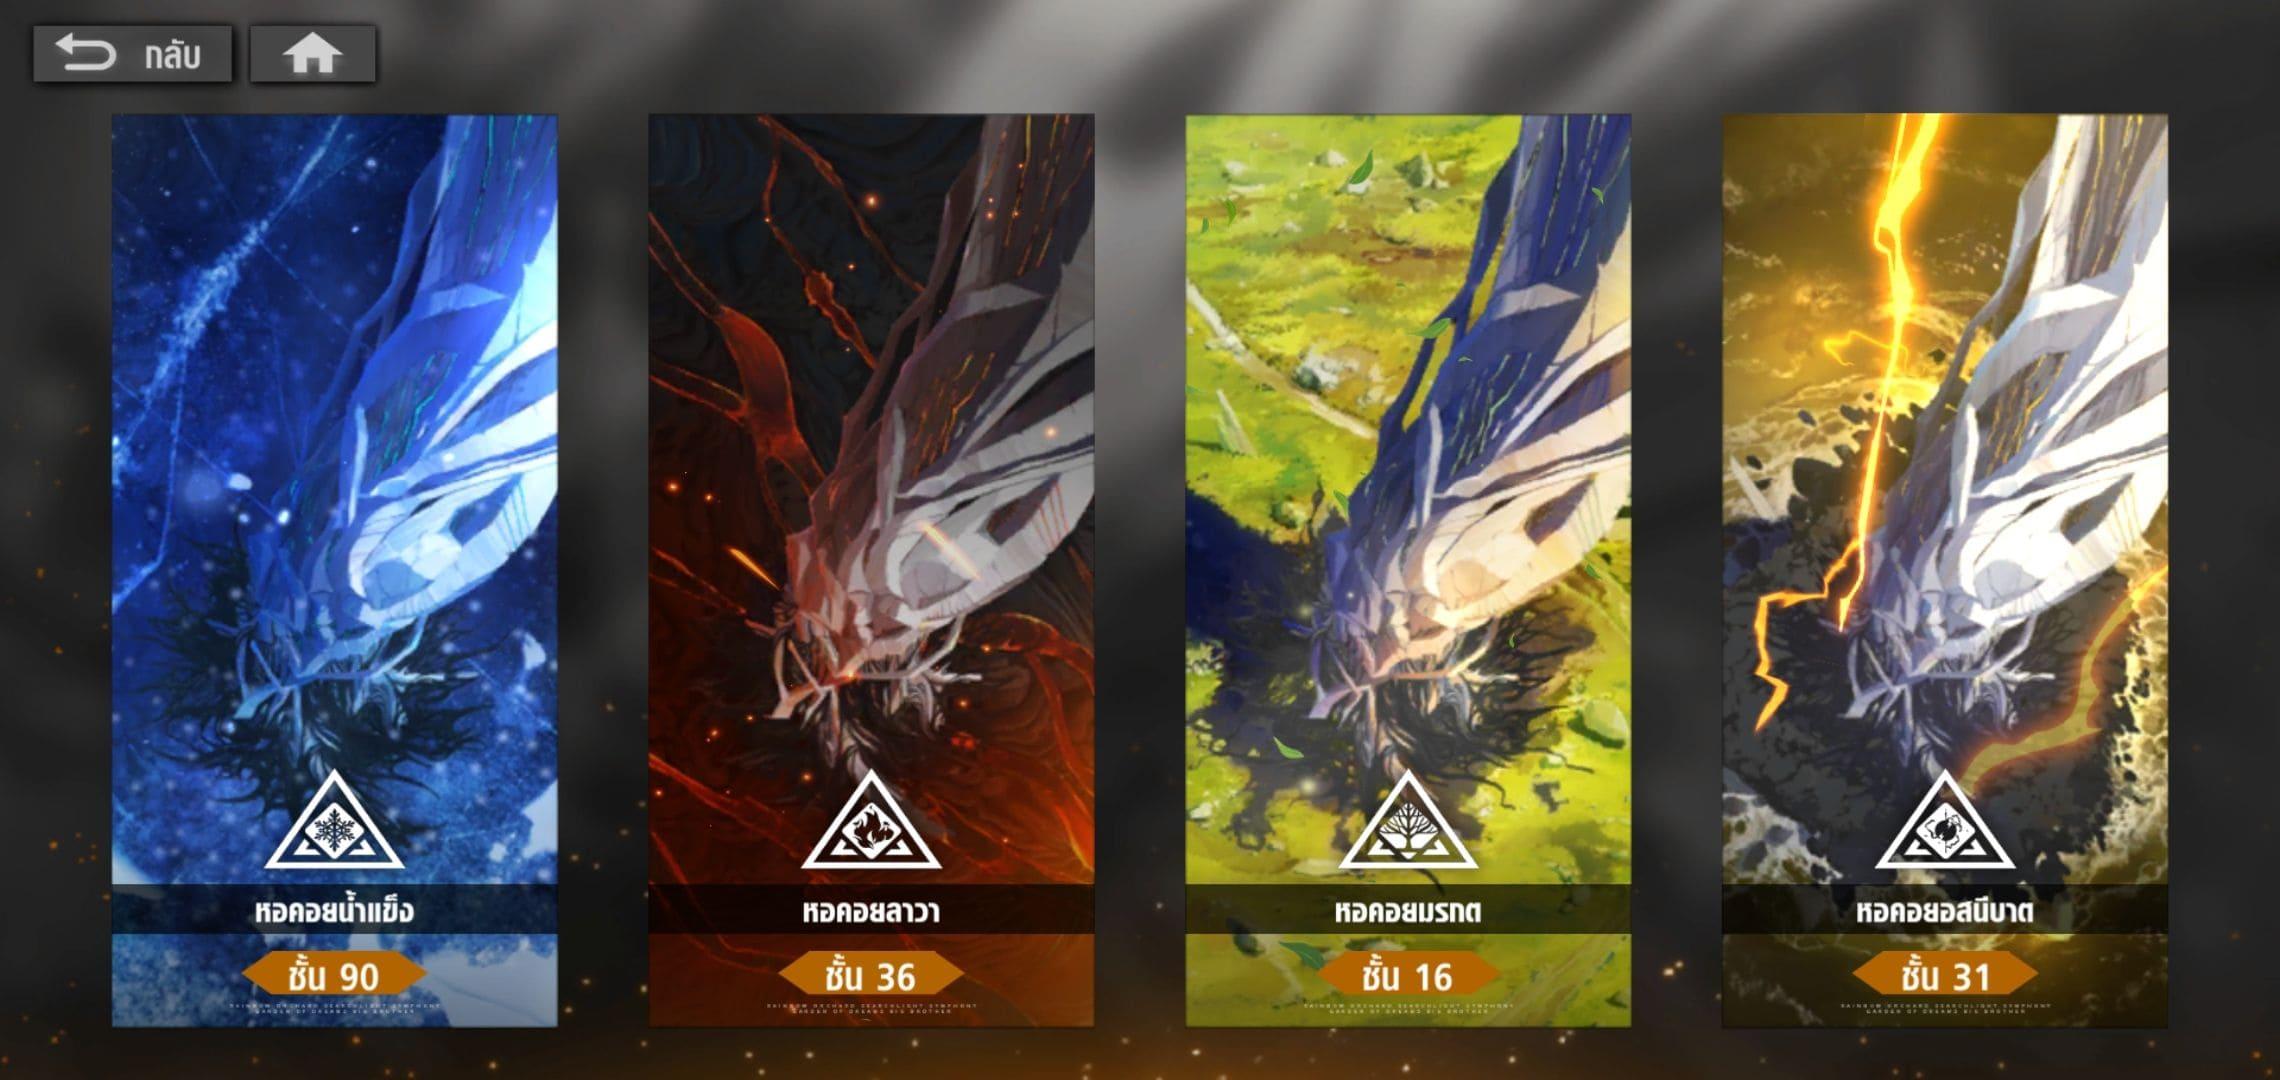 Alchemy Star 10 เรื่องที่ควรรู้ - หอคอย